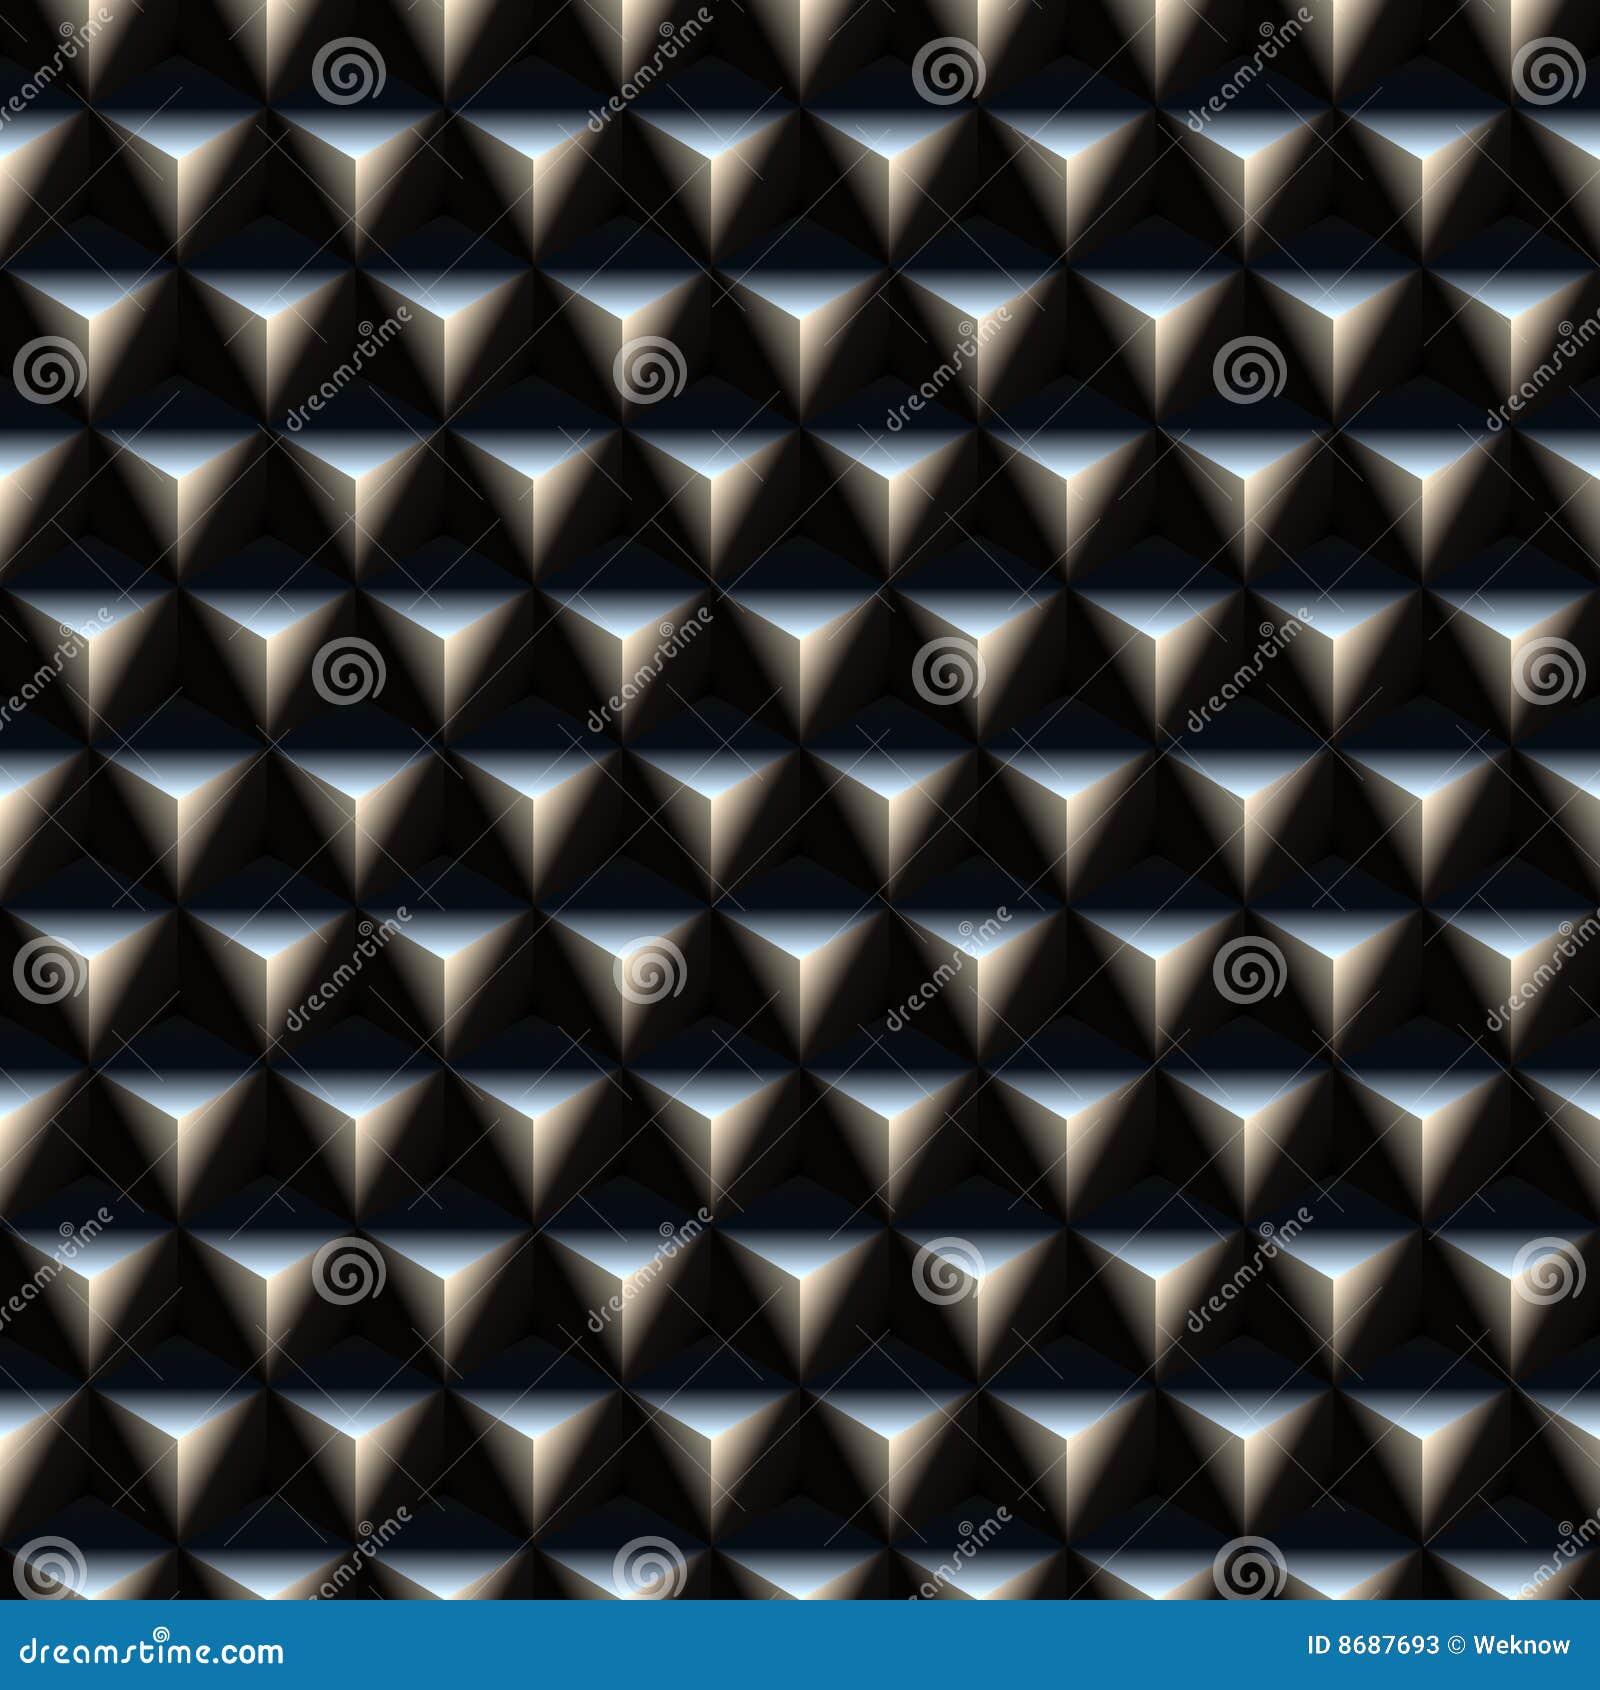 triangle spikes pattern stock illustration illustration